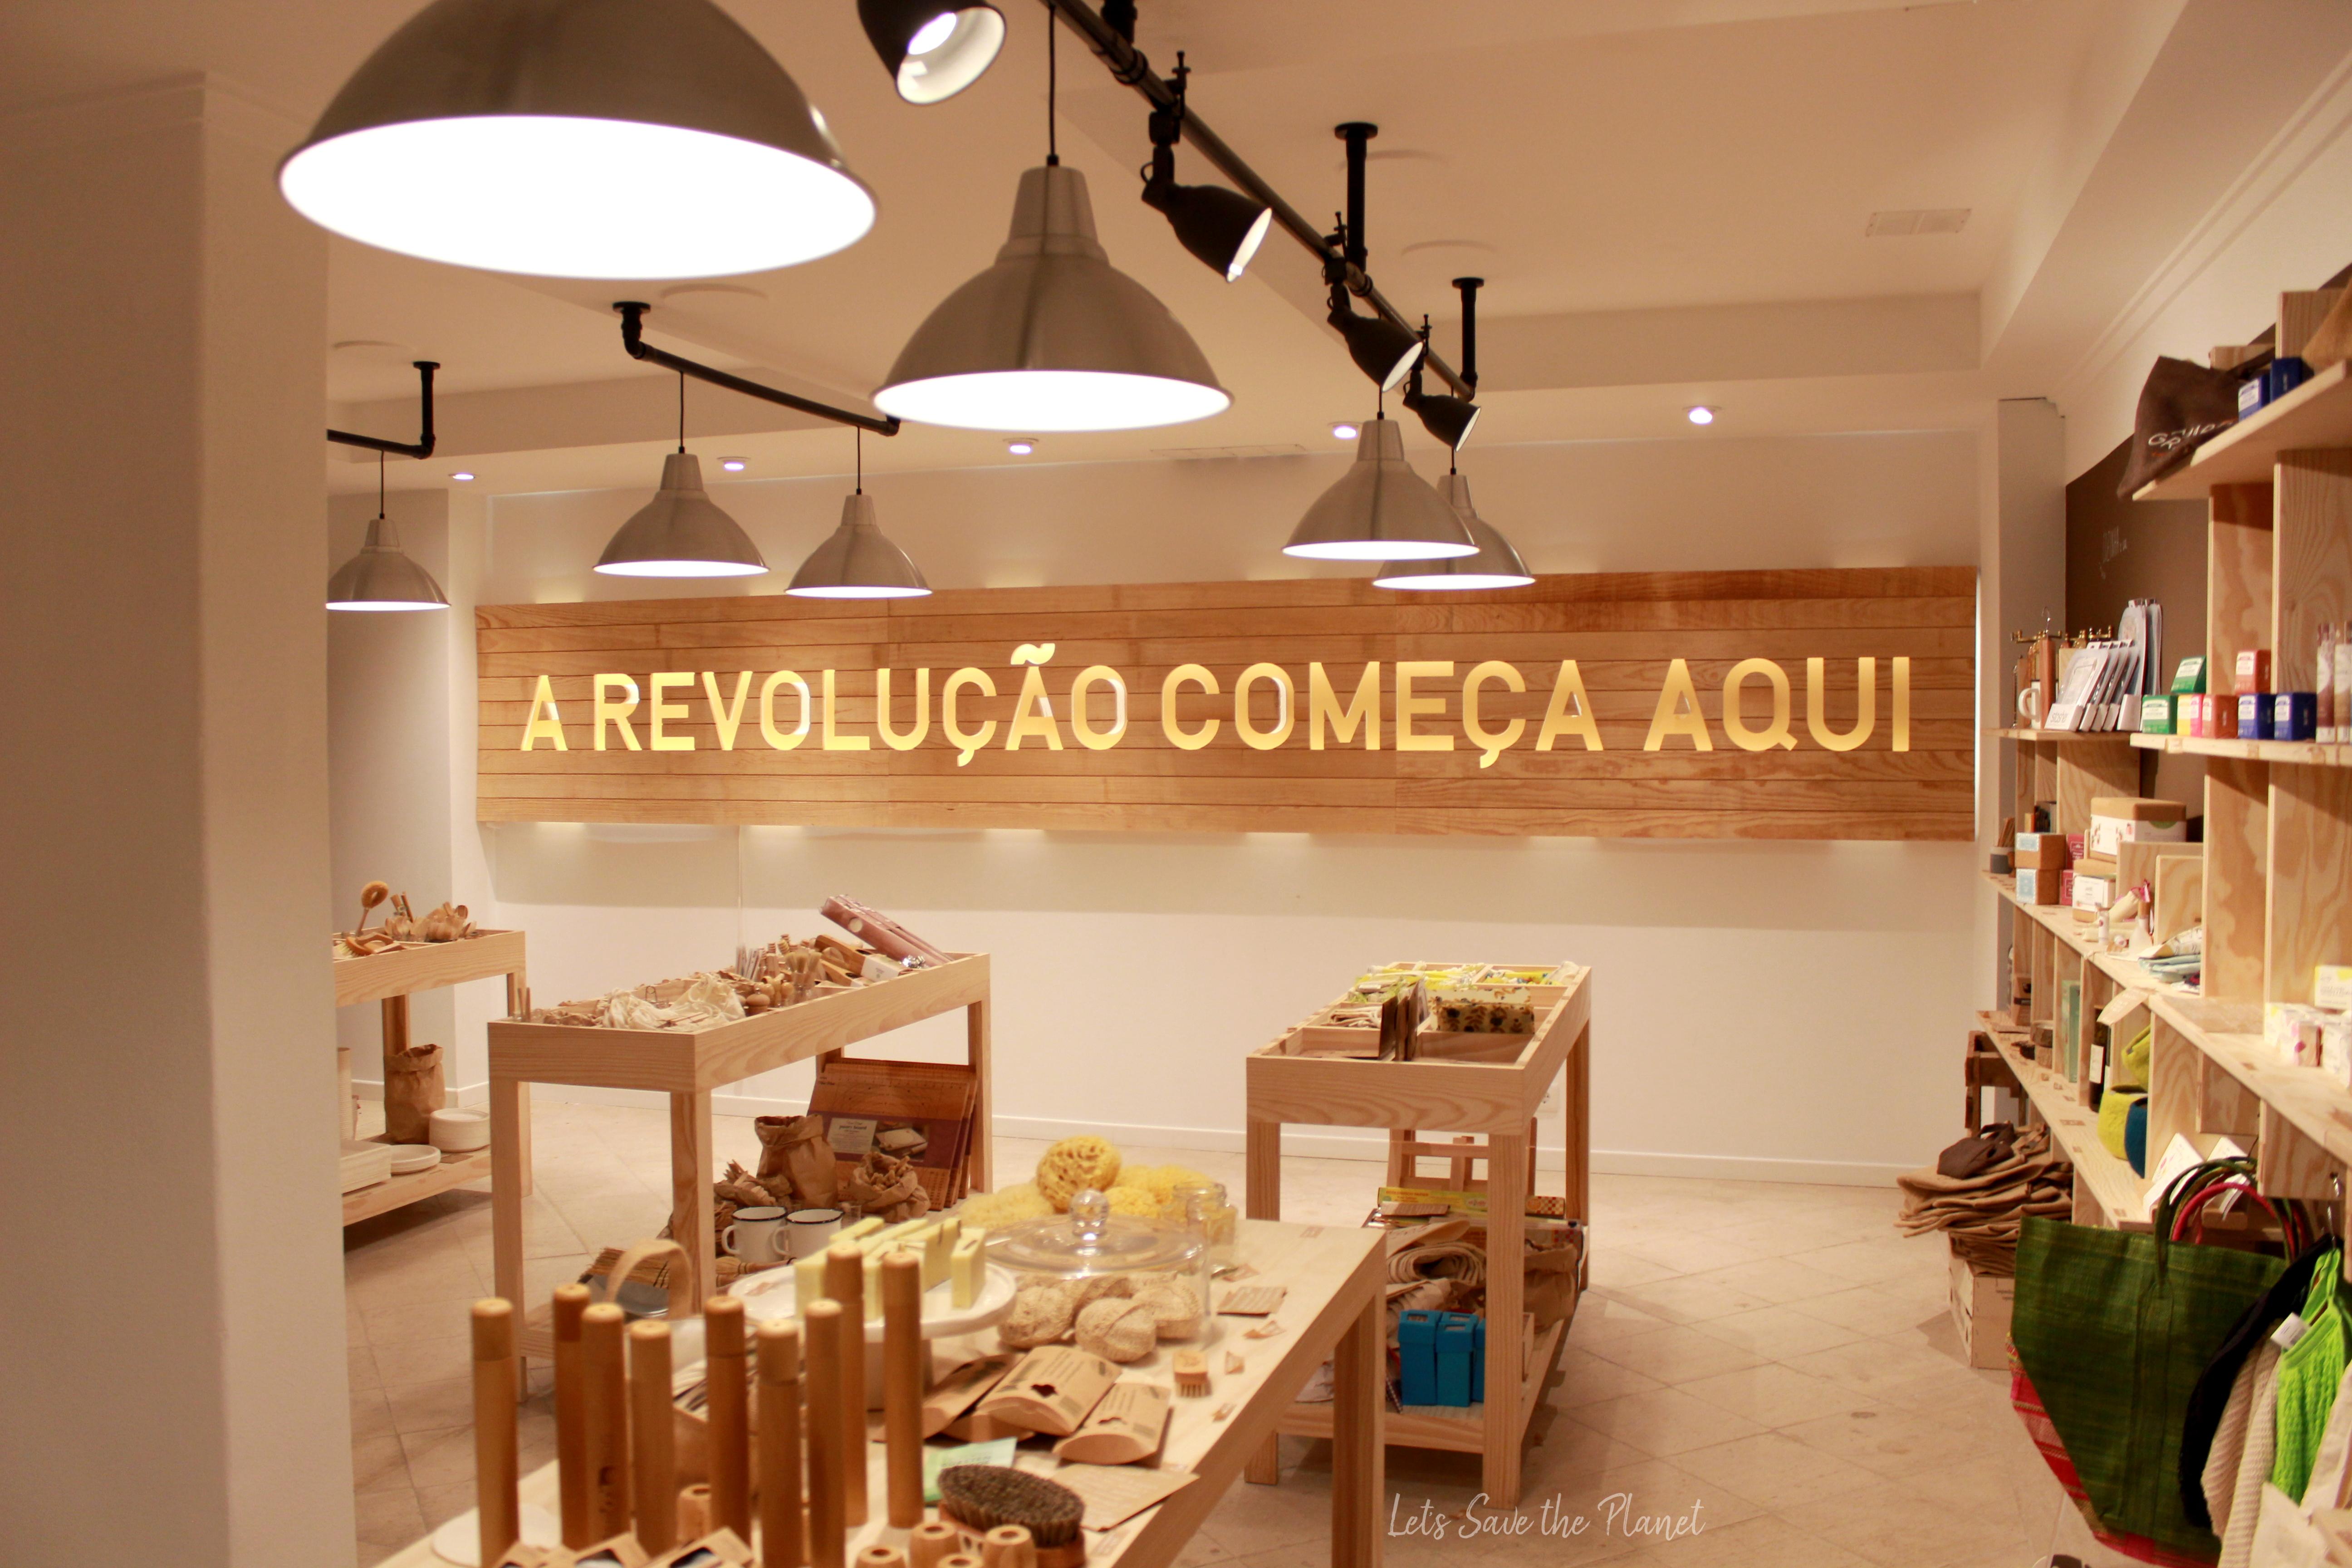 Loja Maria Granel no Campo de Ourique. Secção alternativas a objetos do dia a dia.